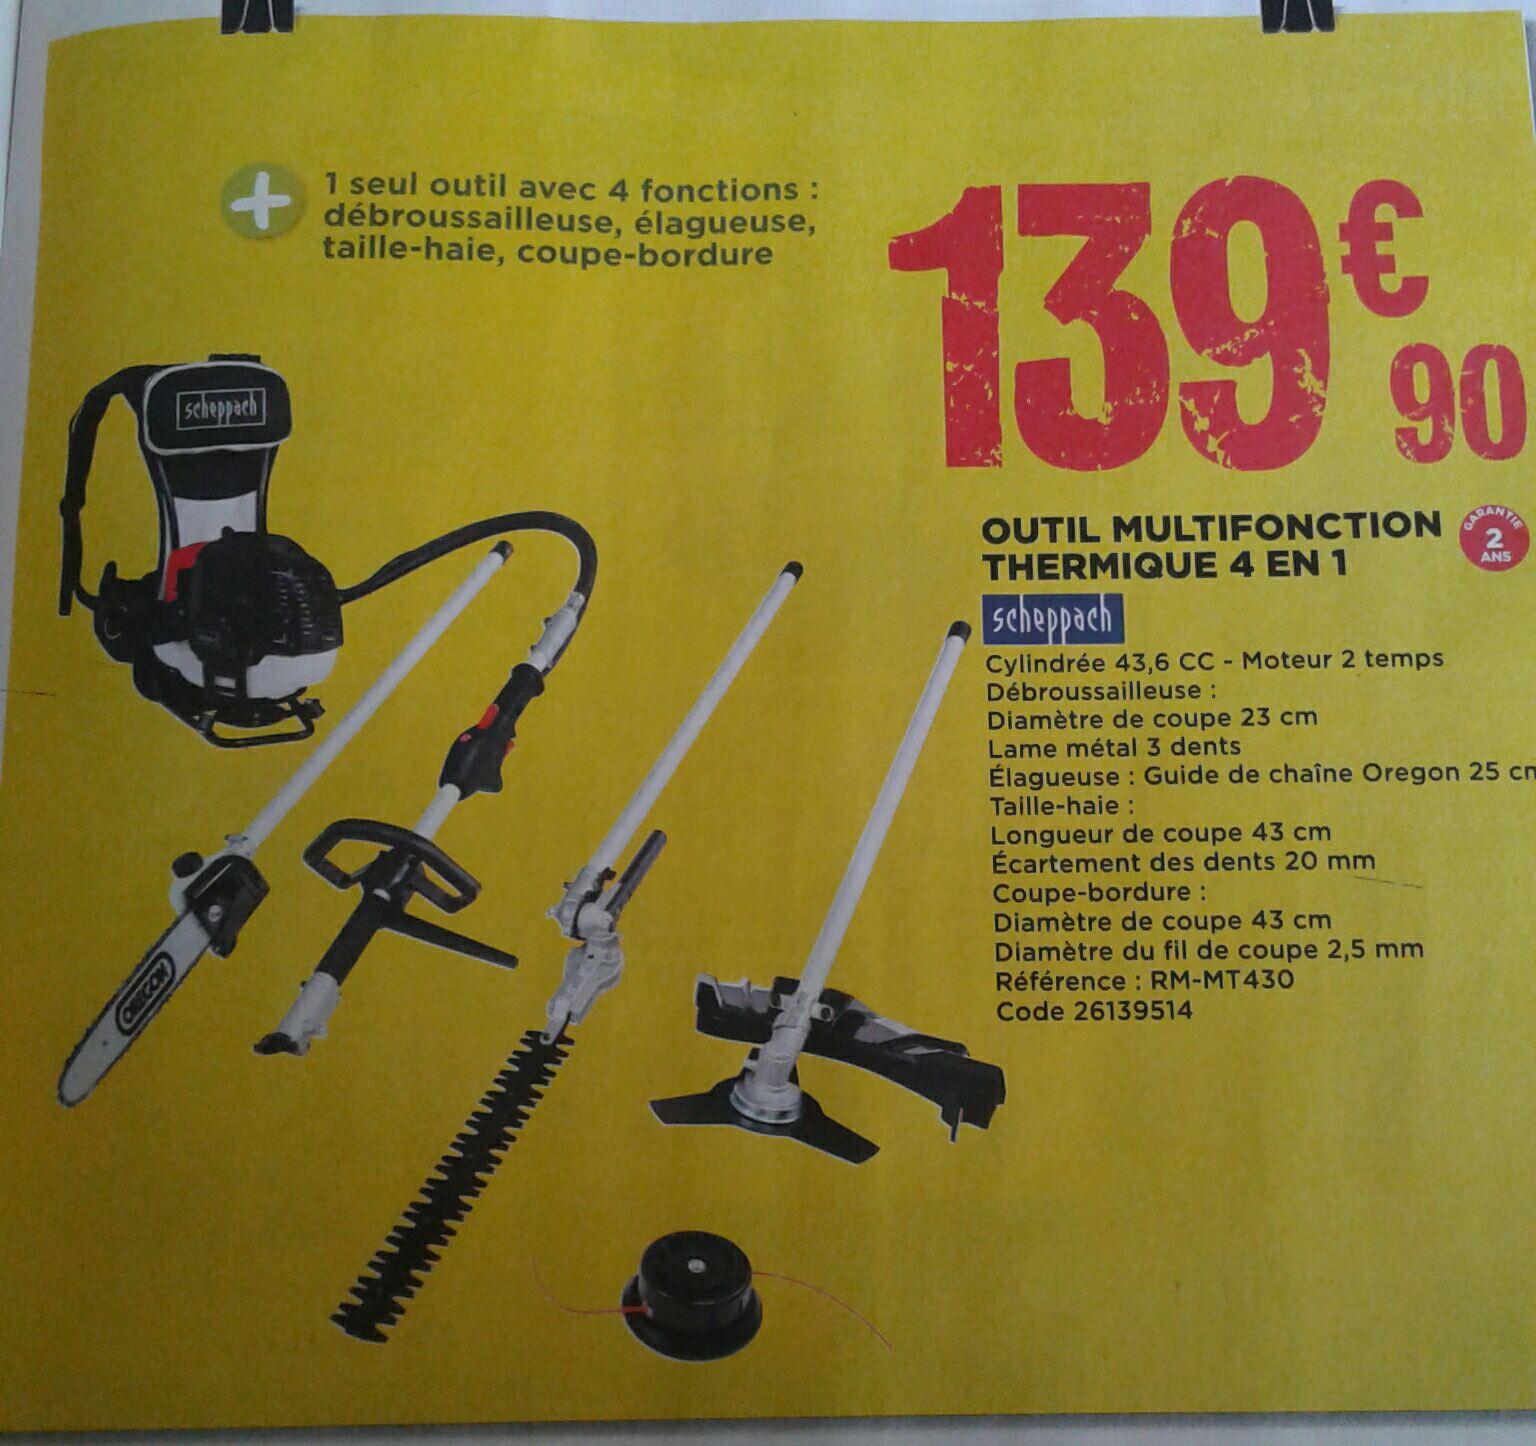 Outil De Jardin Multifonction Thermique 4 En 1 Scheppach Dealabs Com